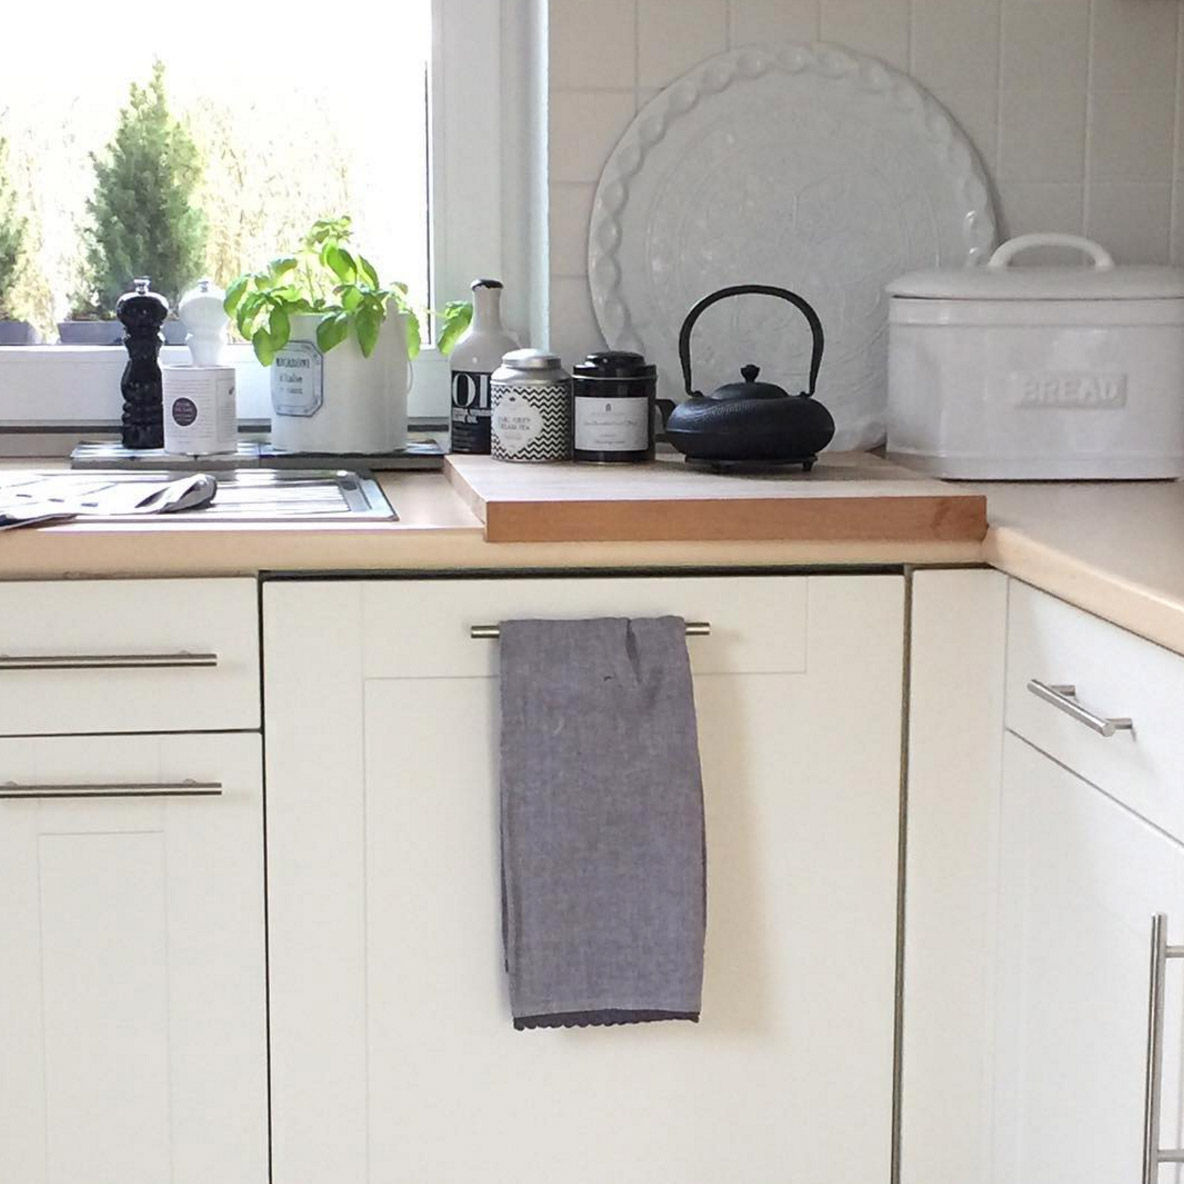 Full Size of Kuchenarbeitsplatte Massivholz Ikea Caseconradcom Mobile Küche Wellmann Mit Elektrogeräten Singleküche Kühlschrank Arbeitsplatte Einhebelmischer Wohnzimmer Ikea Küche Massivholz